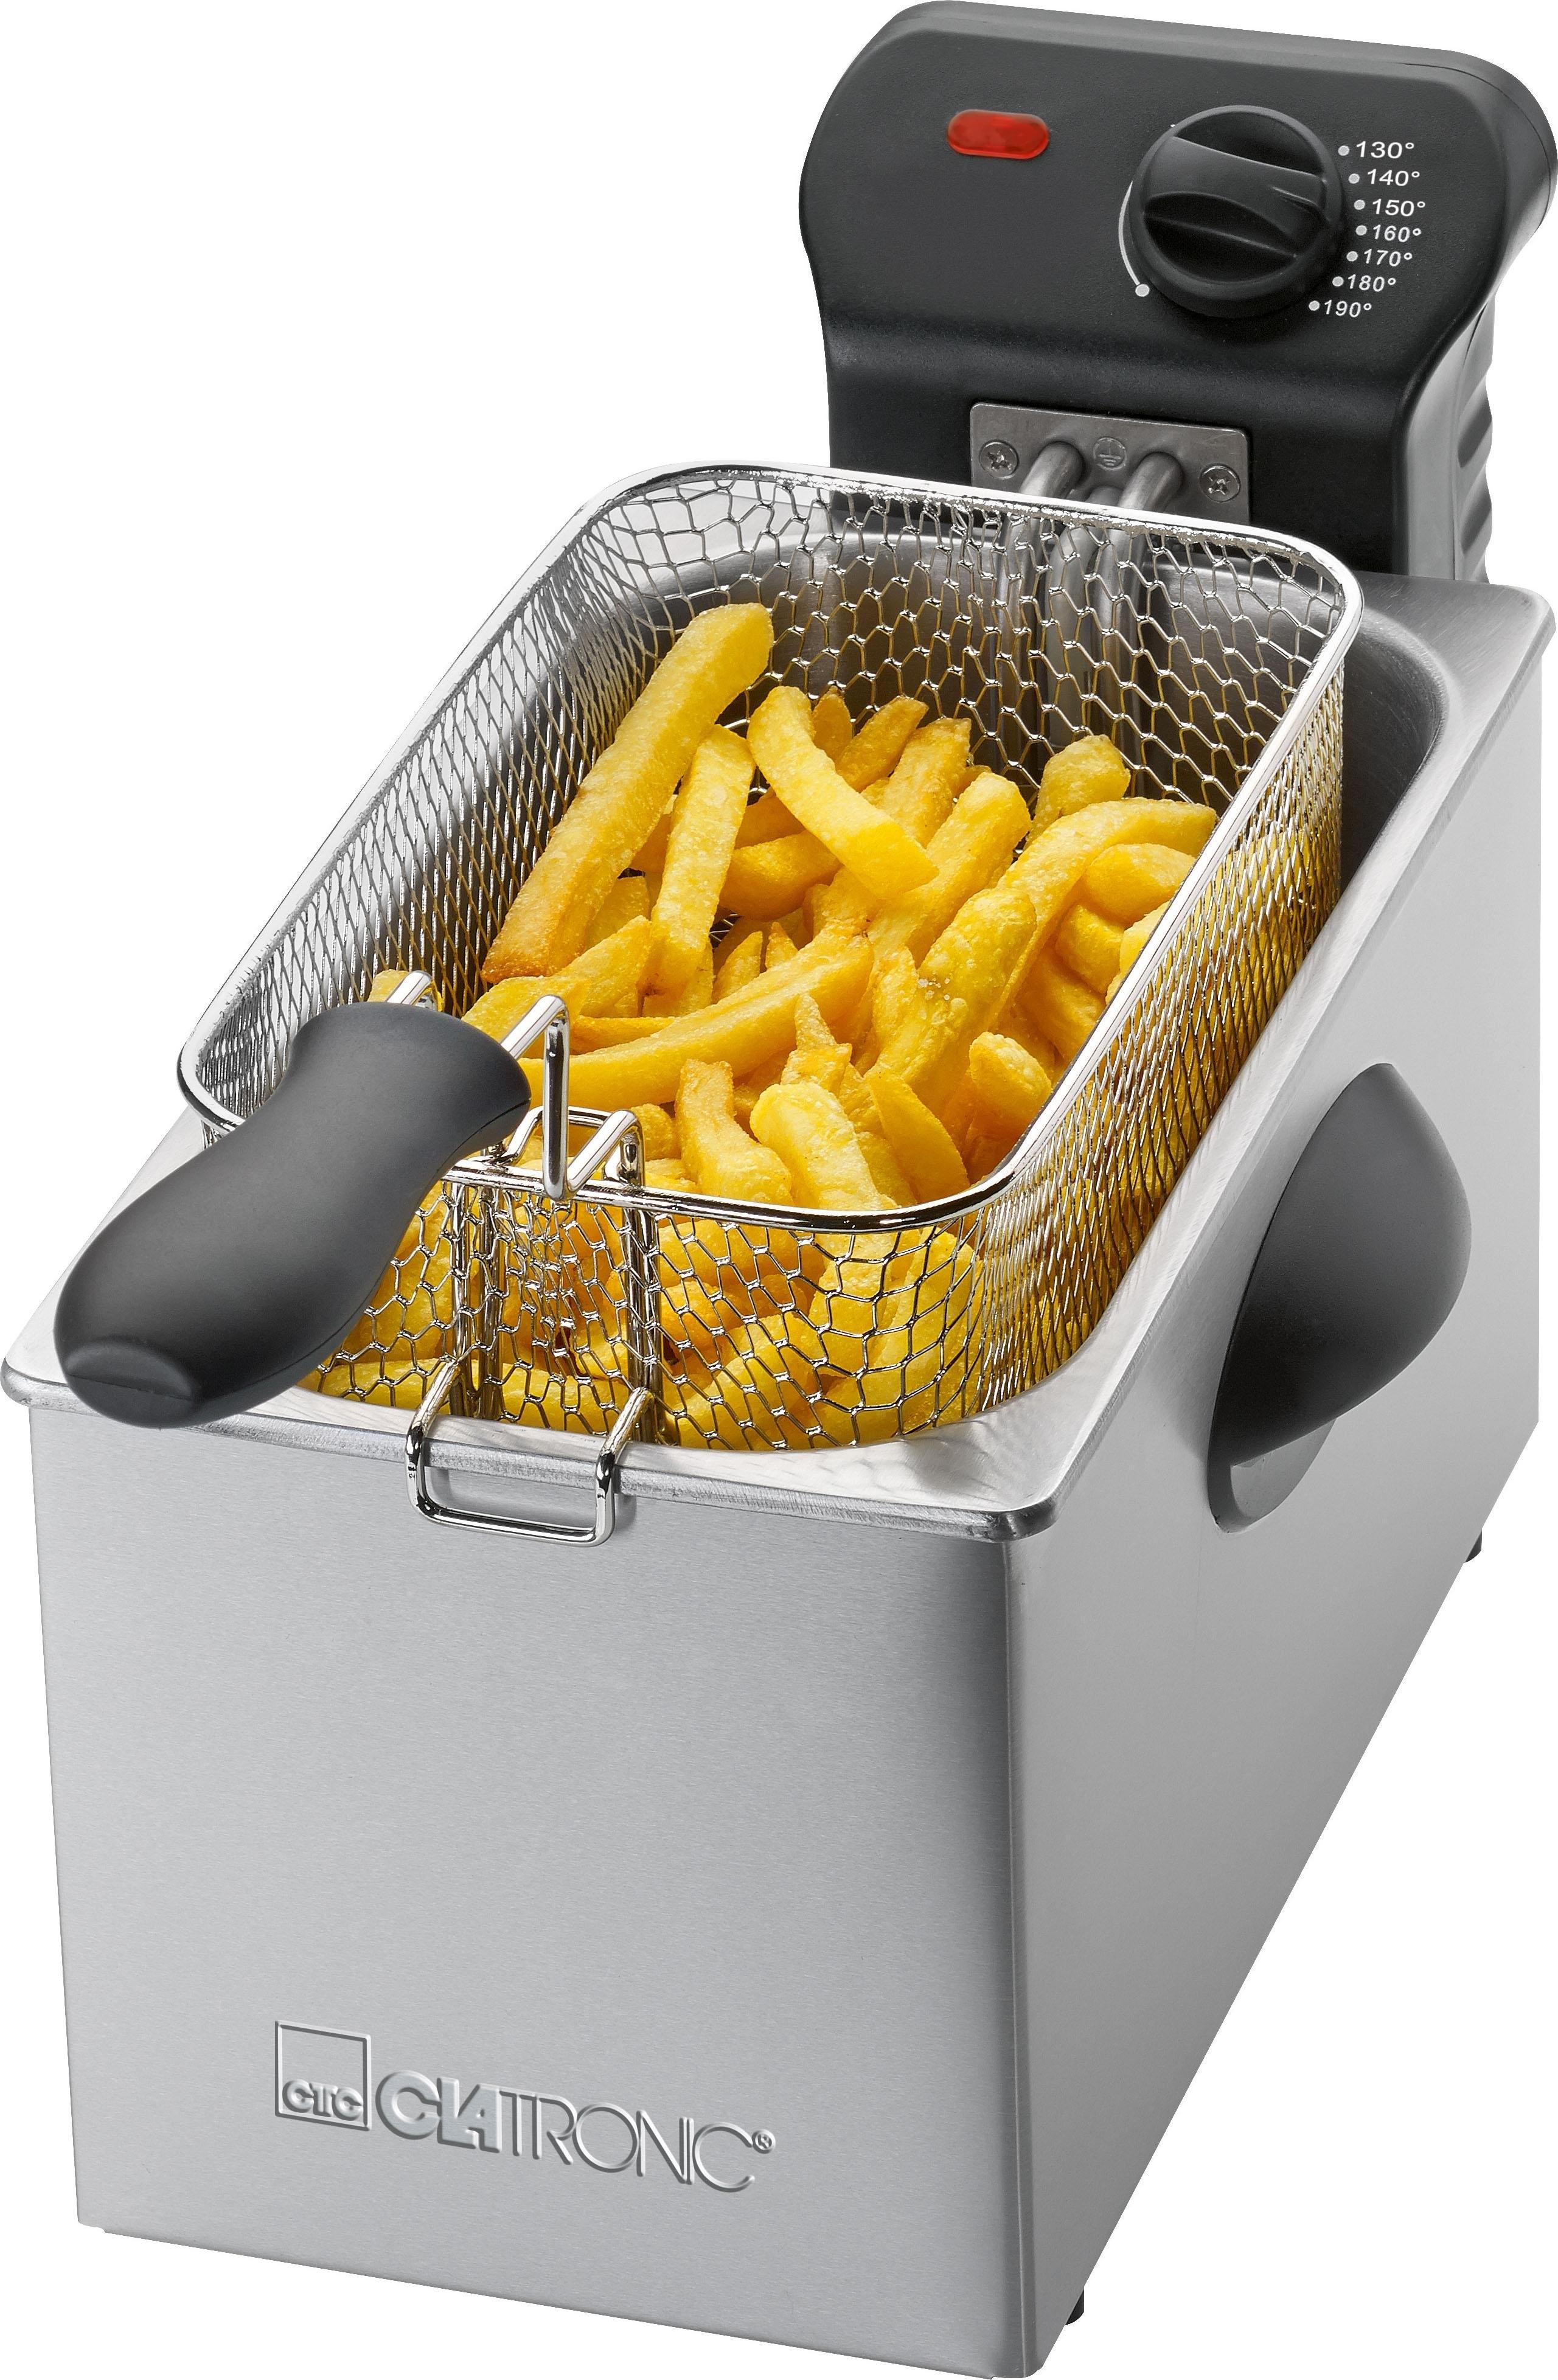 Clatronic friteuse FR 3587, 2000 W, inhoud 3 liter nu online kopen bij OTTO